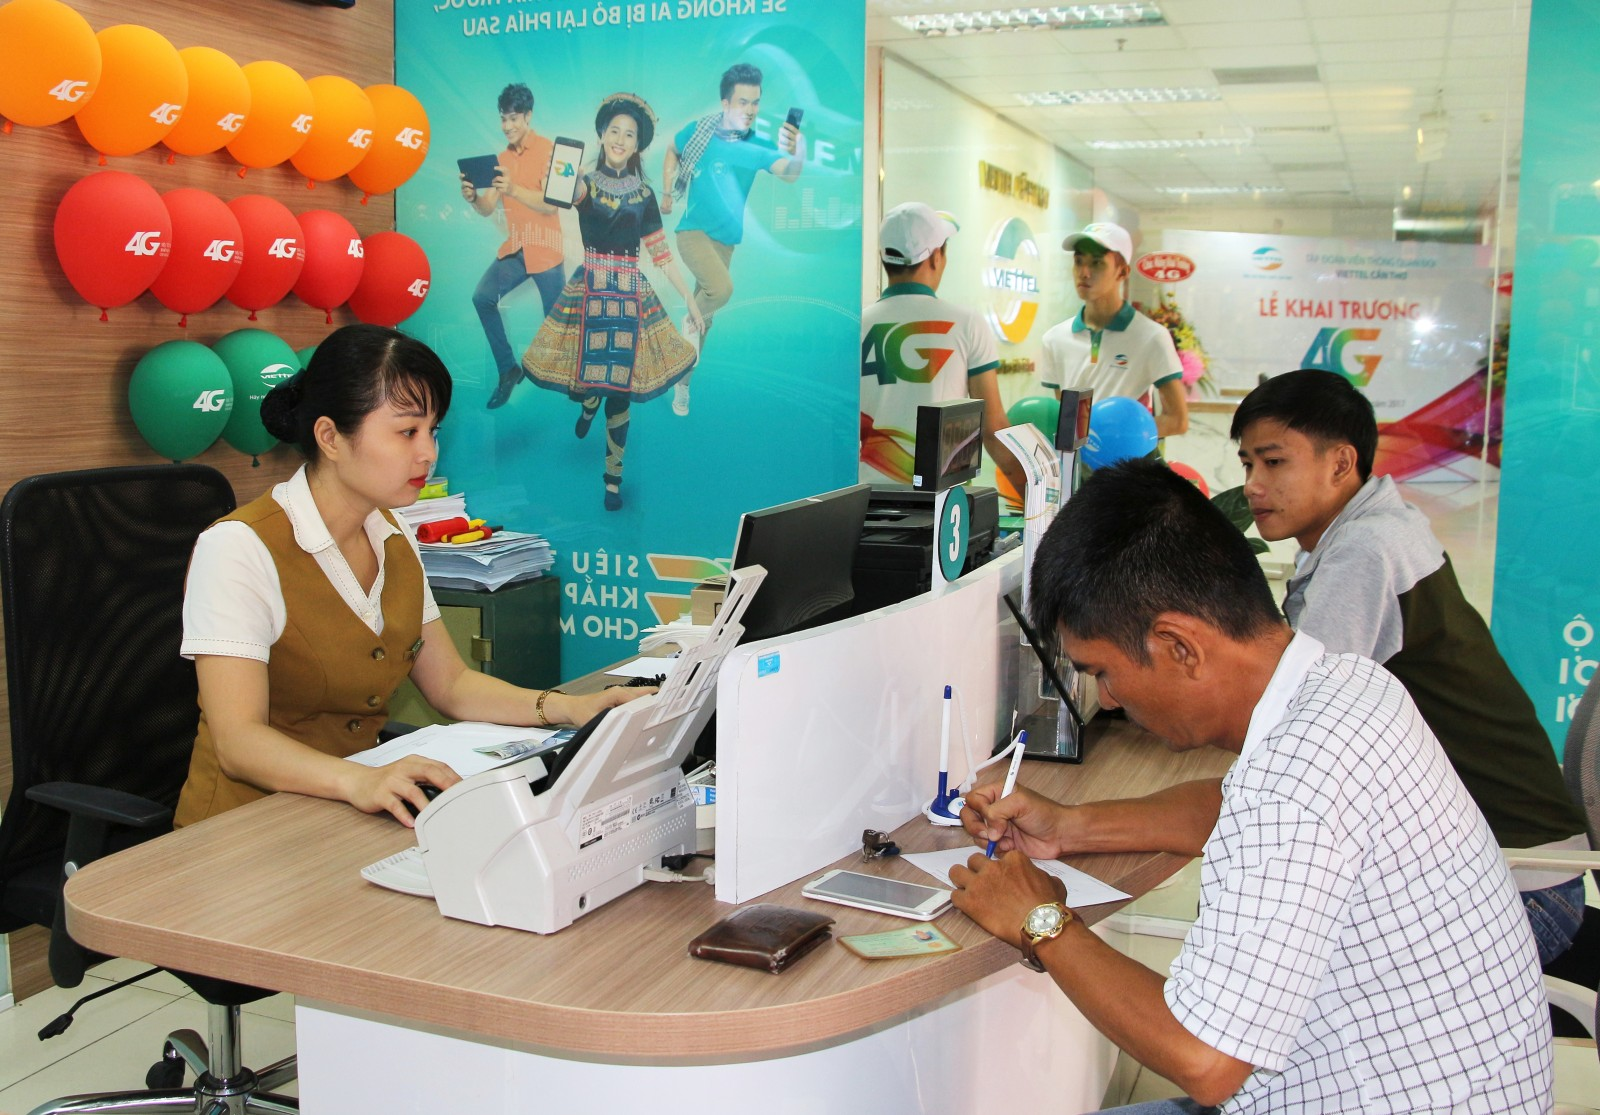 Khách hàng giao dịch tại Viettel Cần Thơ. Ảnh: Nam Hương